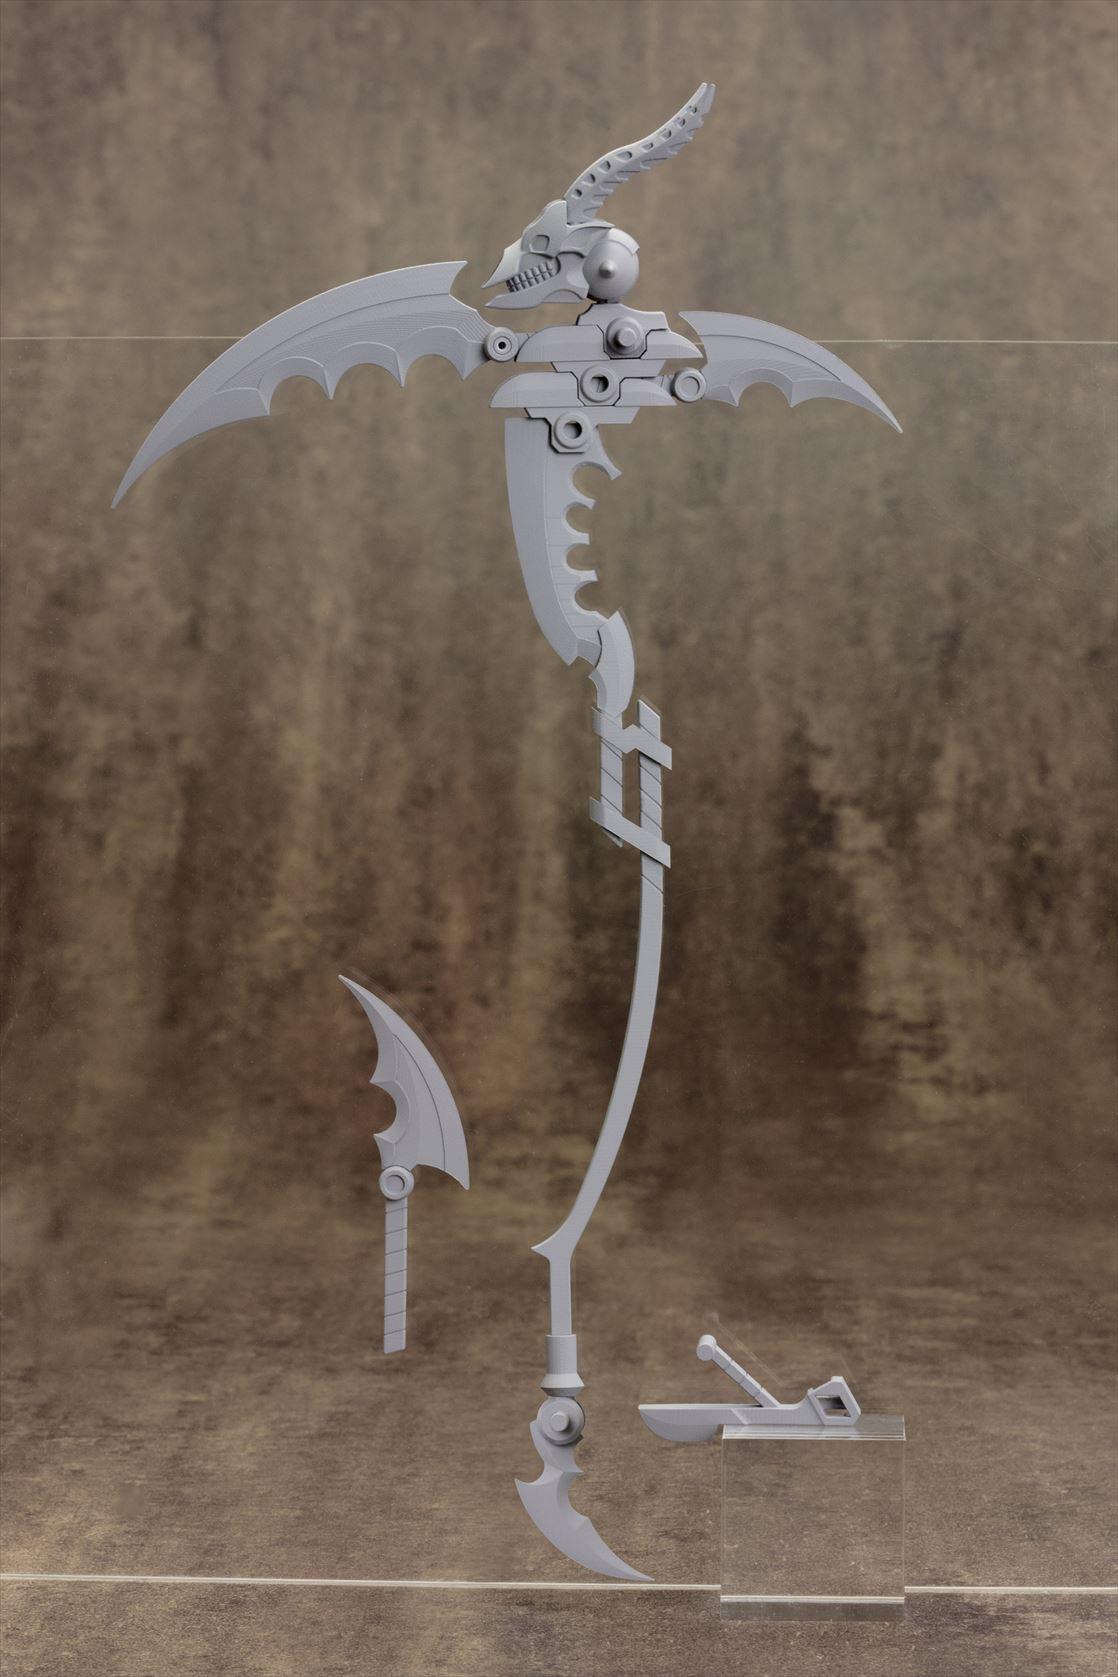 モデリングサポートグッズM.S.G「ヘヴィウェポンユニット」シリーズに ケレン味溢れる大鎌タイプ「スカルマサカー」が登場!